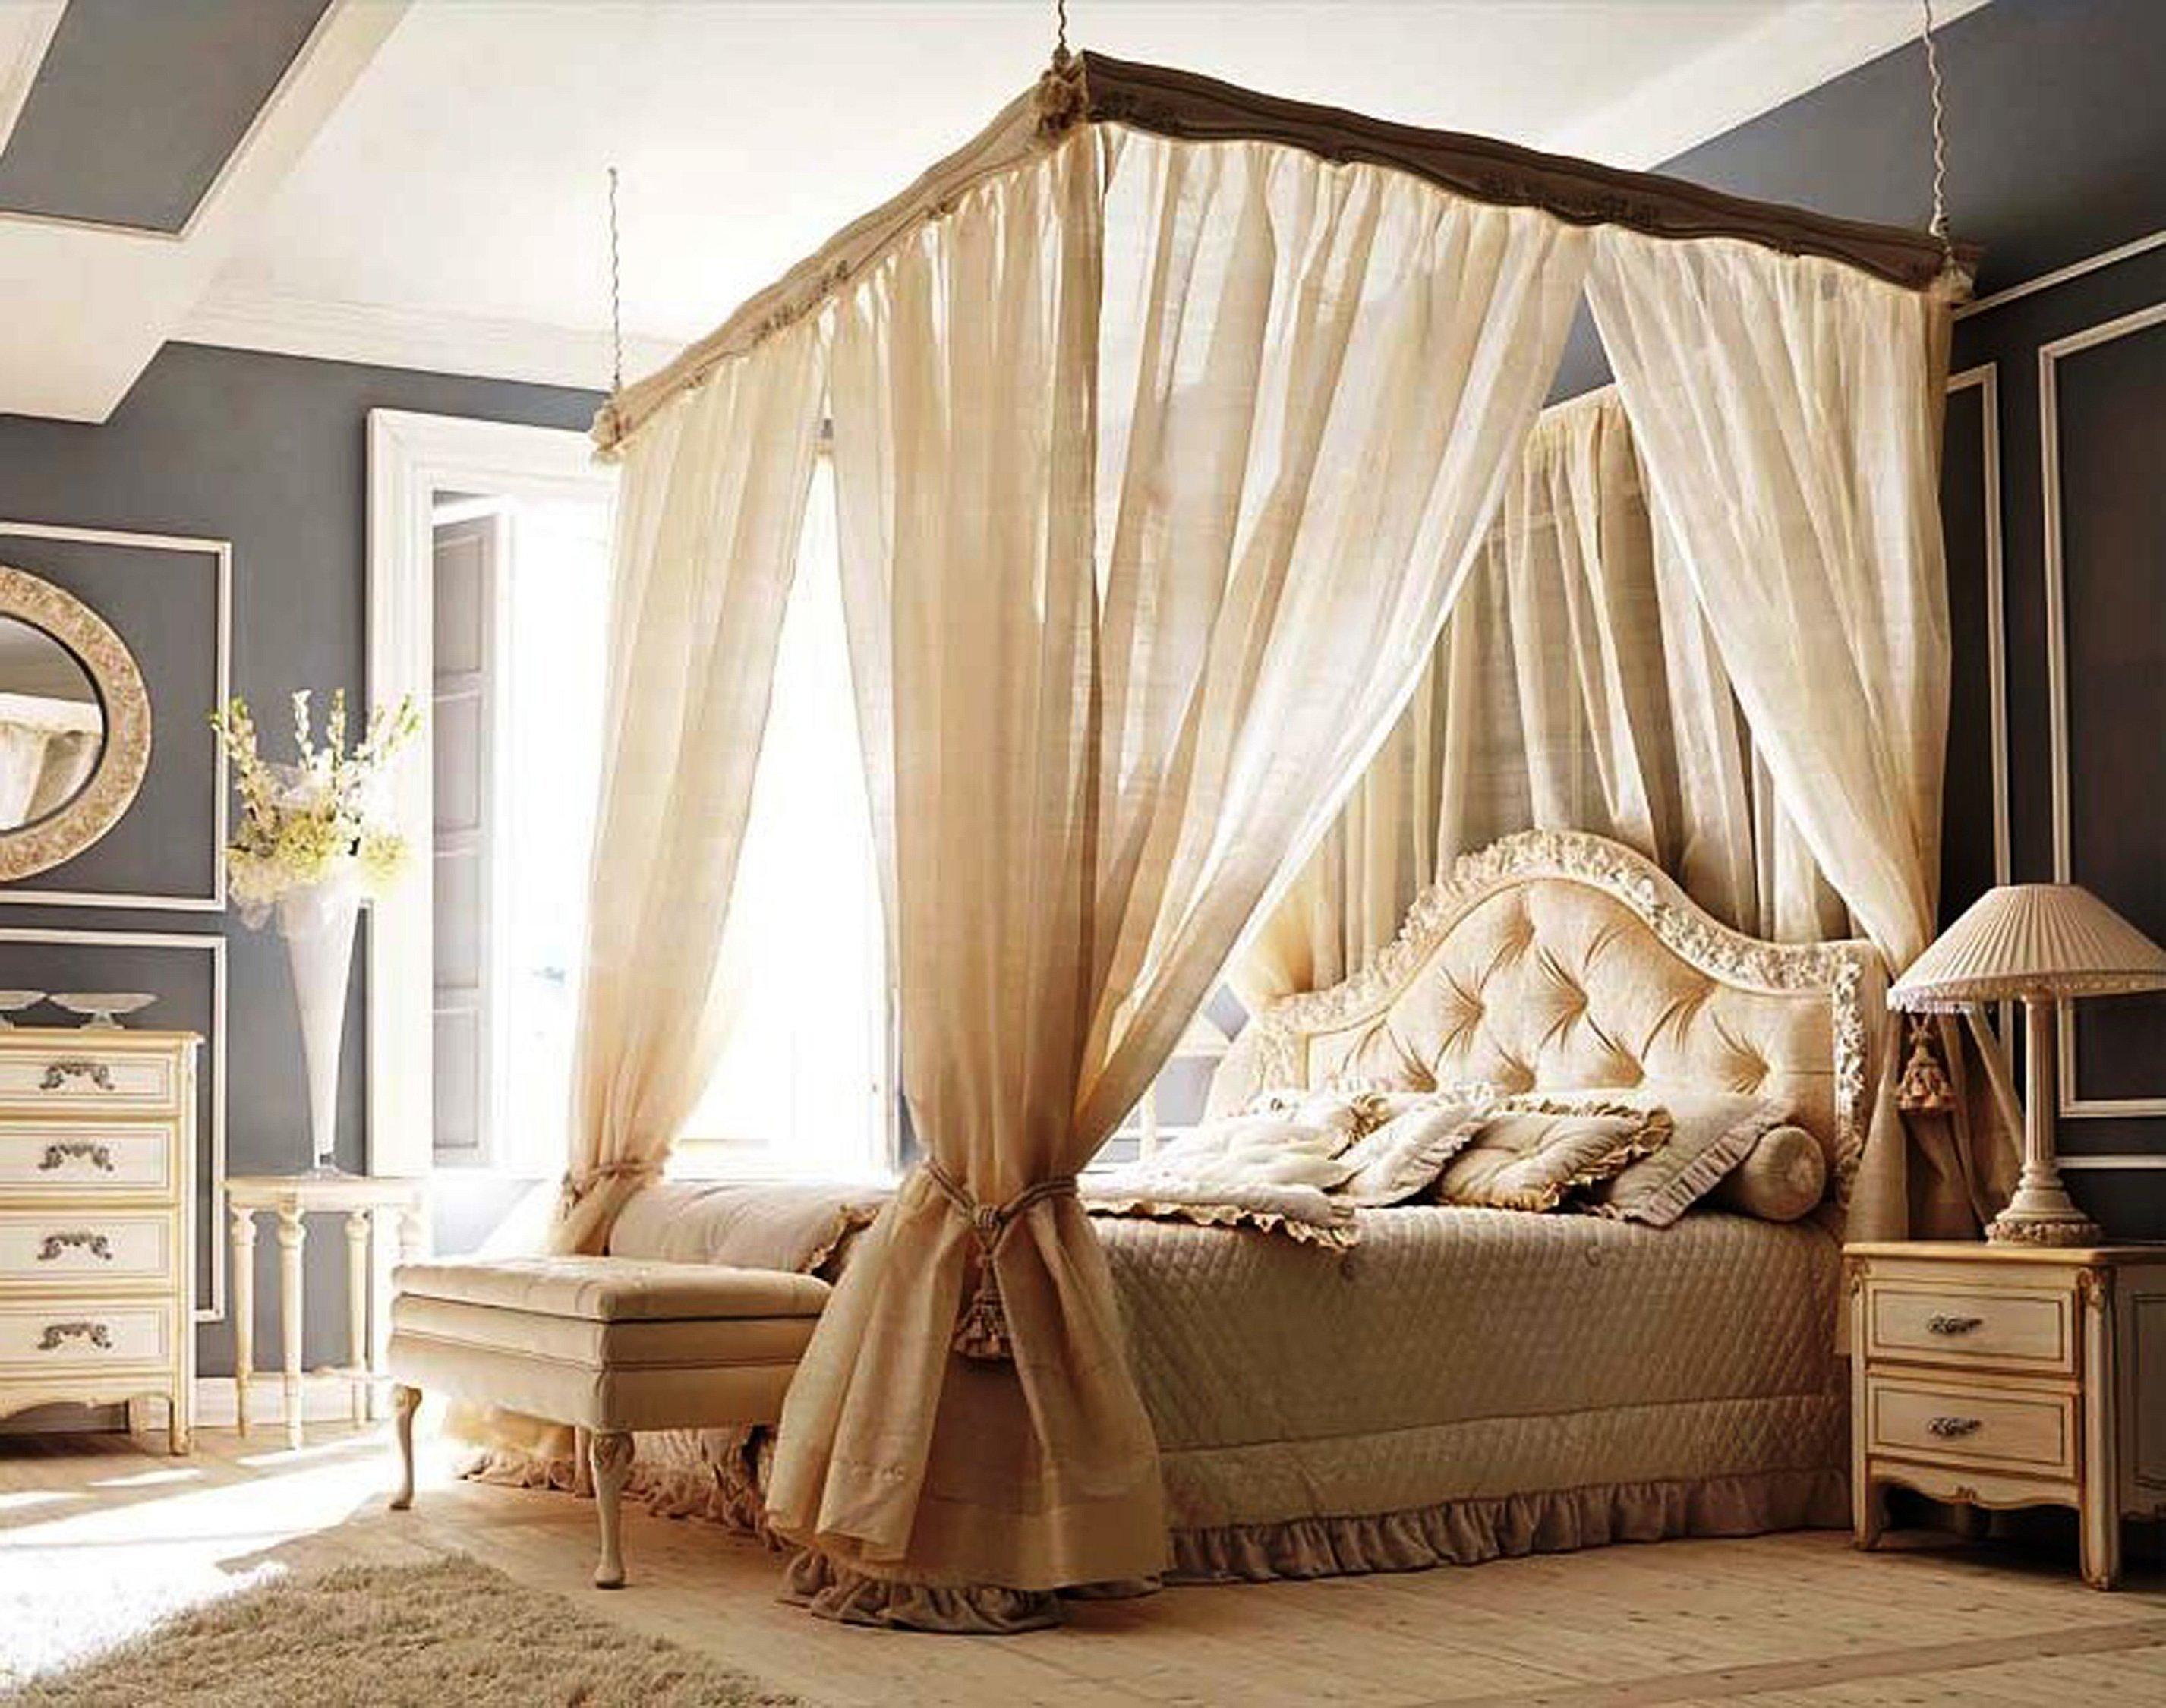 Интерьер спальни классика с балдахином